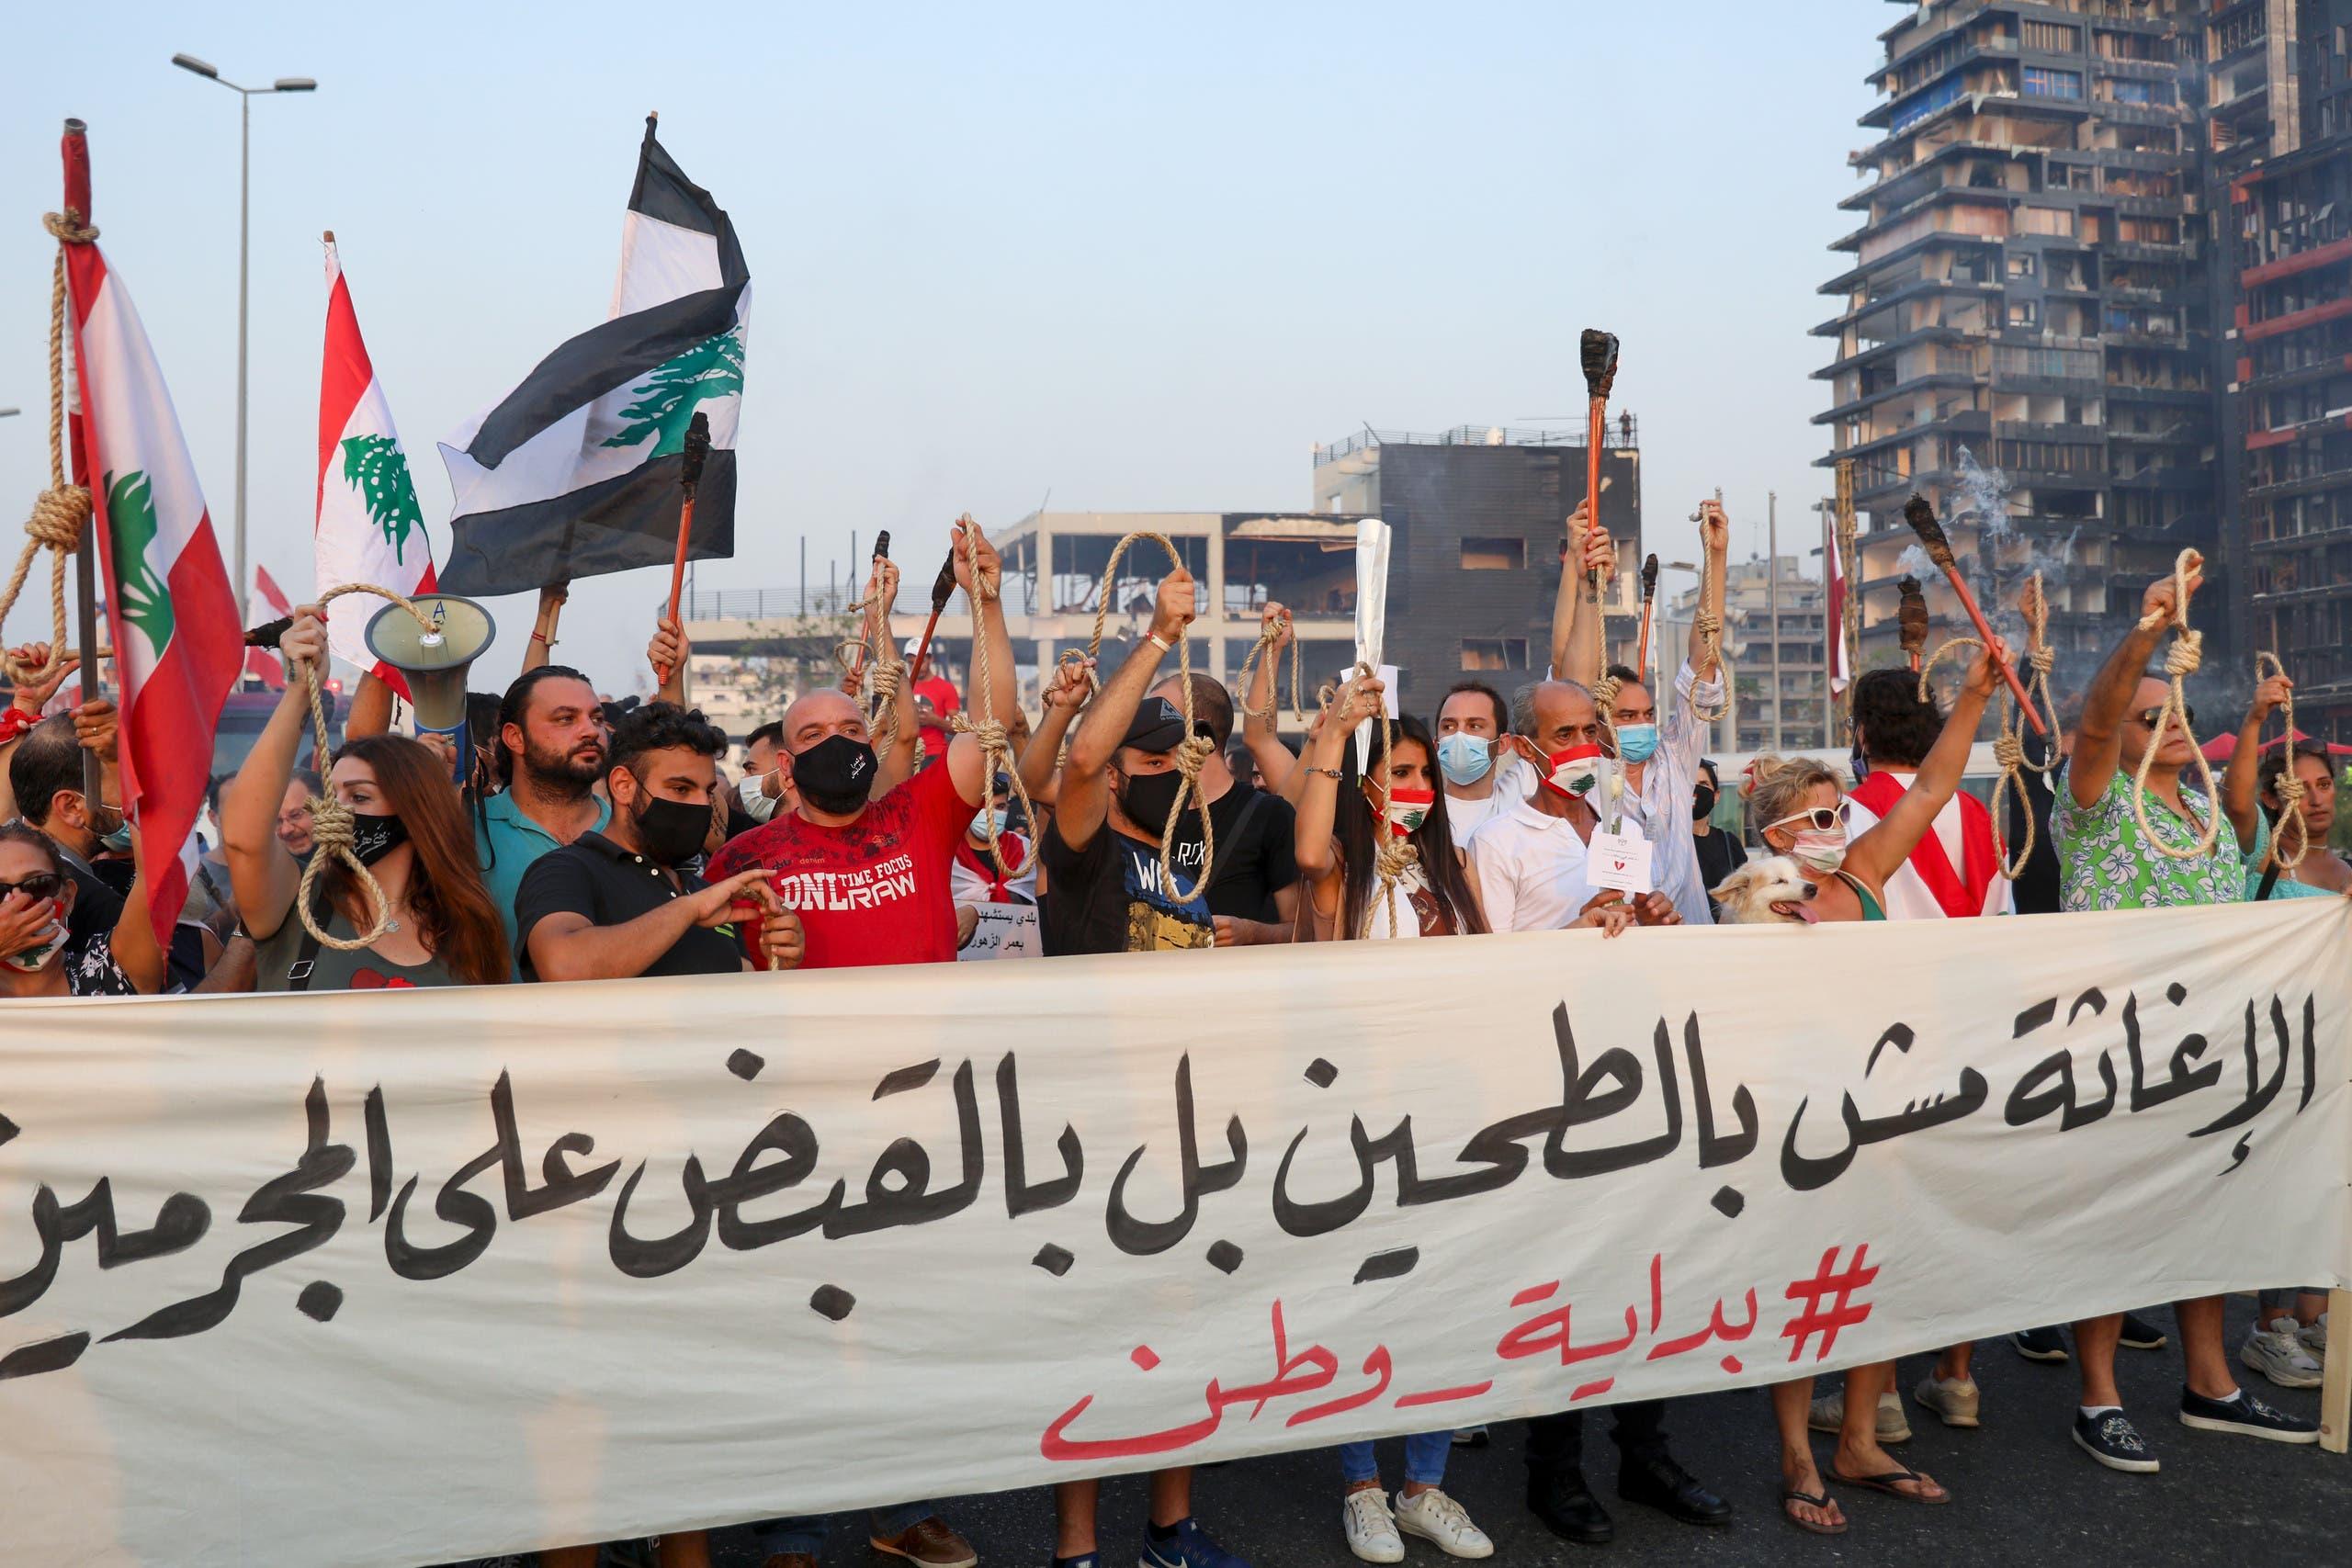 متظاهرون يطالبون بمحاسبة المتورطين بانفجار مرفأ بيروت (أرشيفية- فرانس برس)